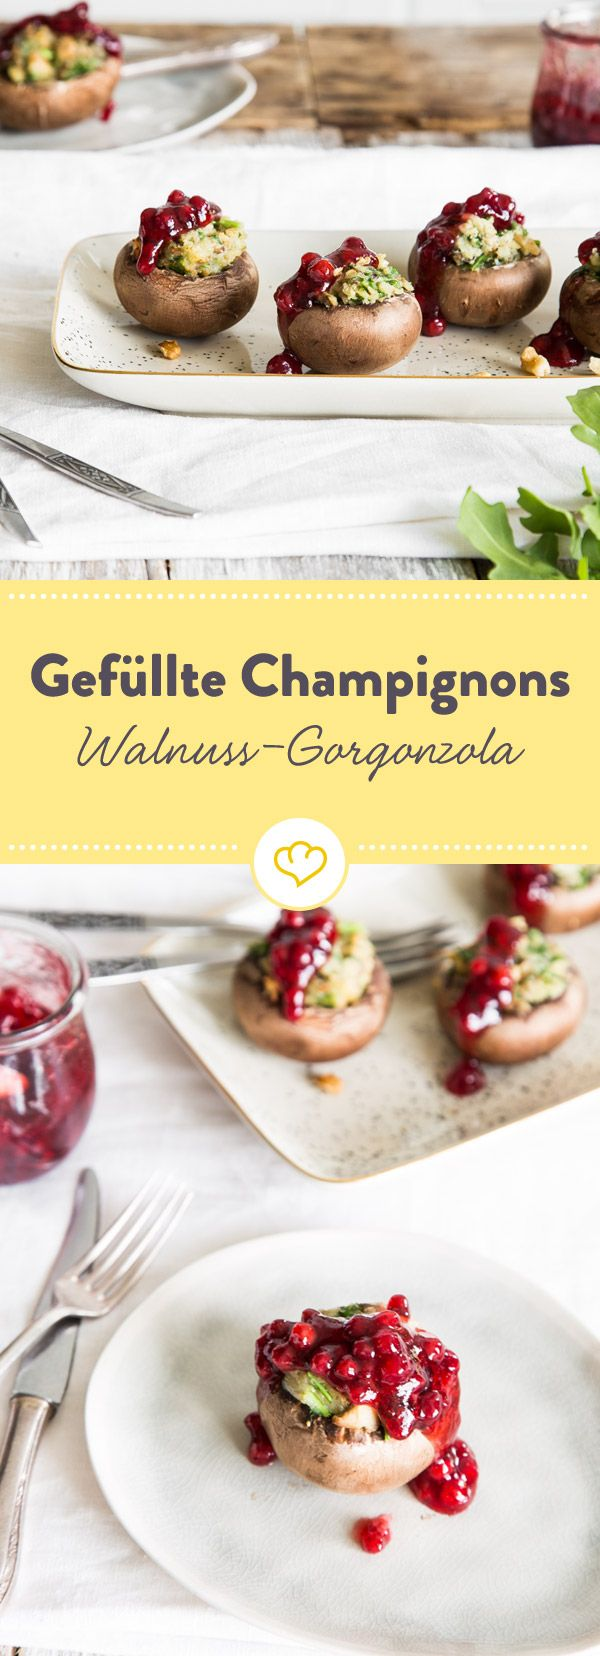 Kleiner Aufwand, großer Genuss. Die gefüllten Champignons mit Gorgonzola, Walnüssen, Rucola und Preiselbeeren eignen sich prima, um Gäste zu beeindrucken.